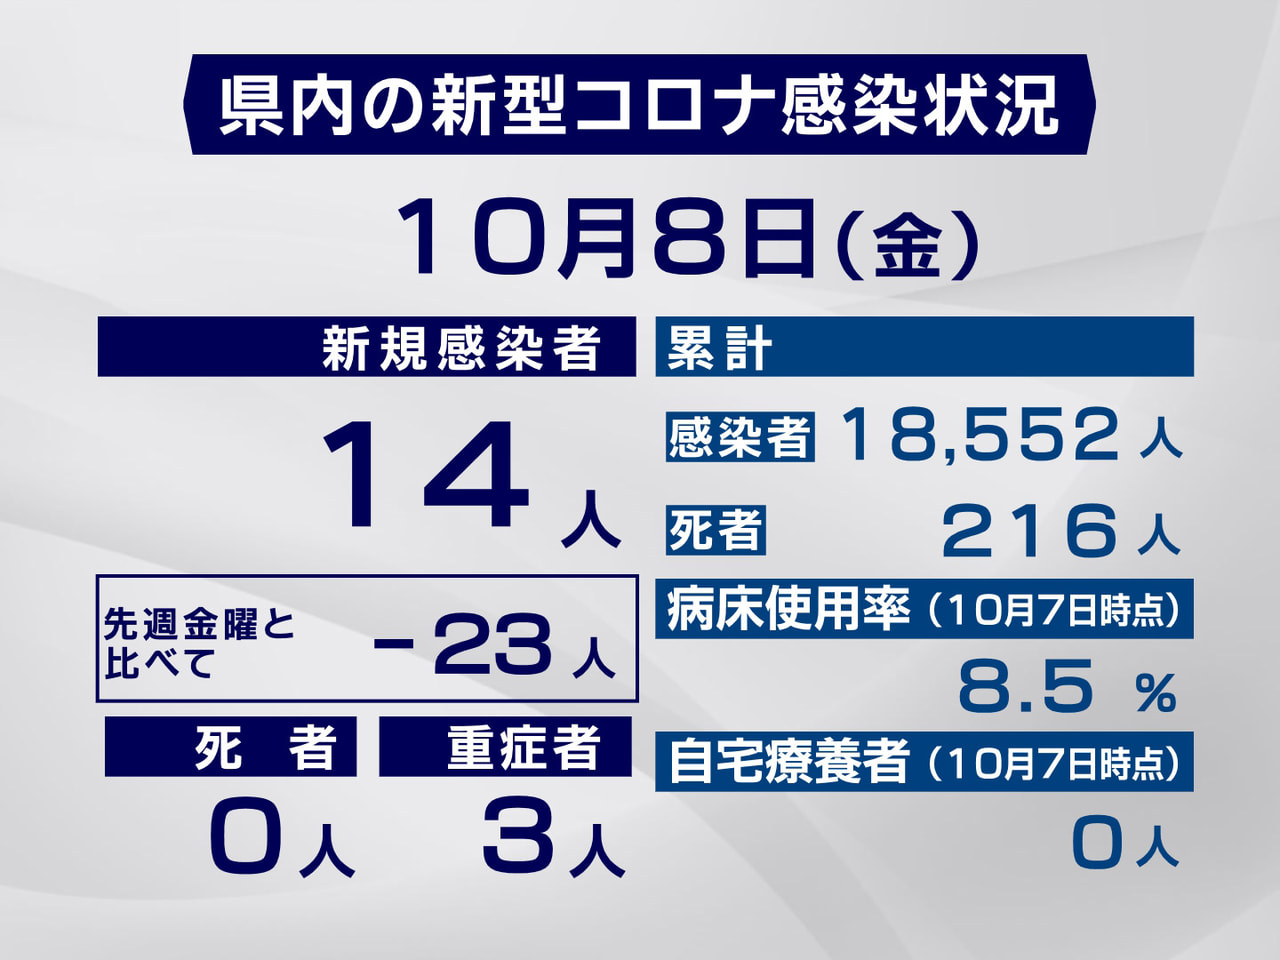 岐阜県と岐阜市は8日、新型コロナウイルスの感染が新たに14人確認されたと発表しま...